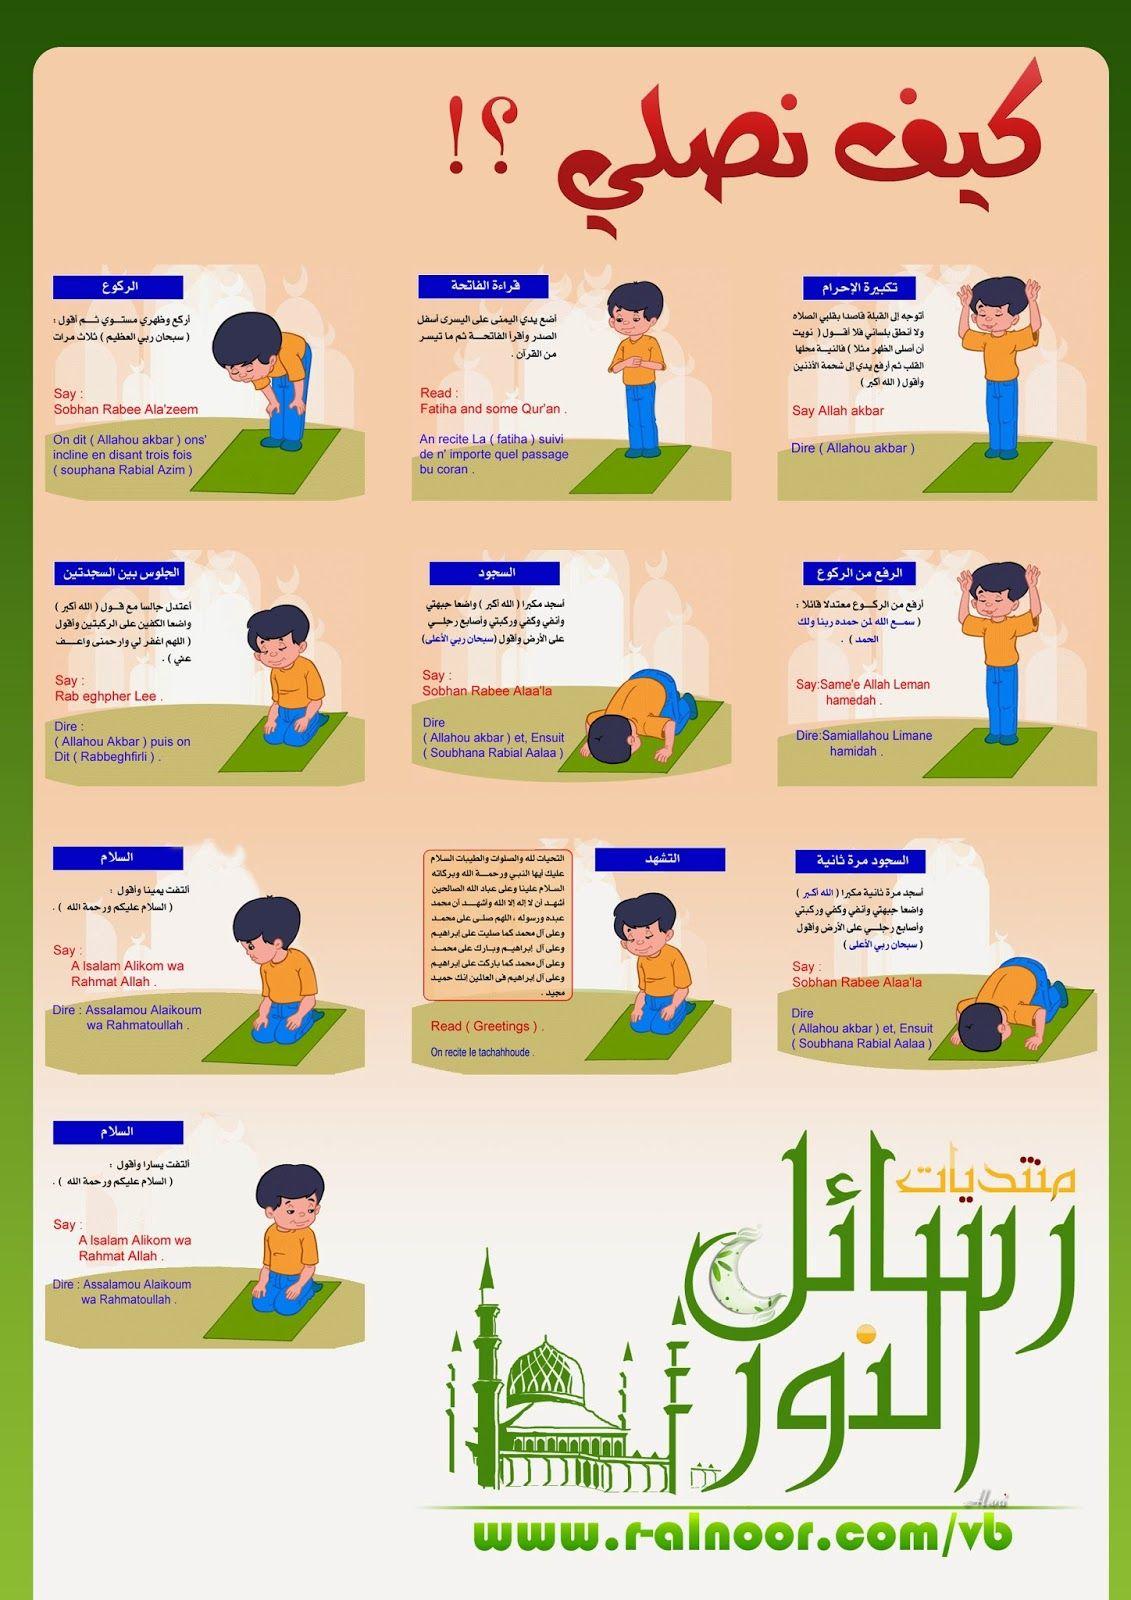 الاسلام تعلم الصلاة للاطفال صور وفيديو Muslim Kids Activities Islamic Kids Activities Learn Islam